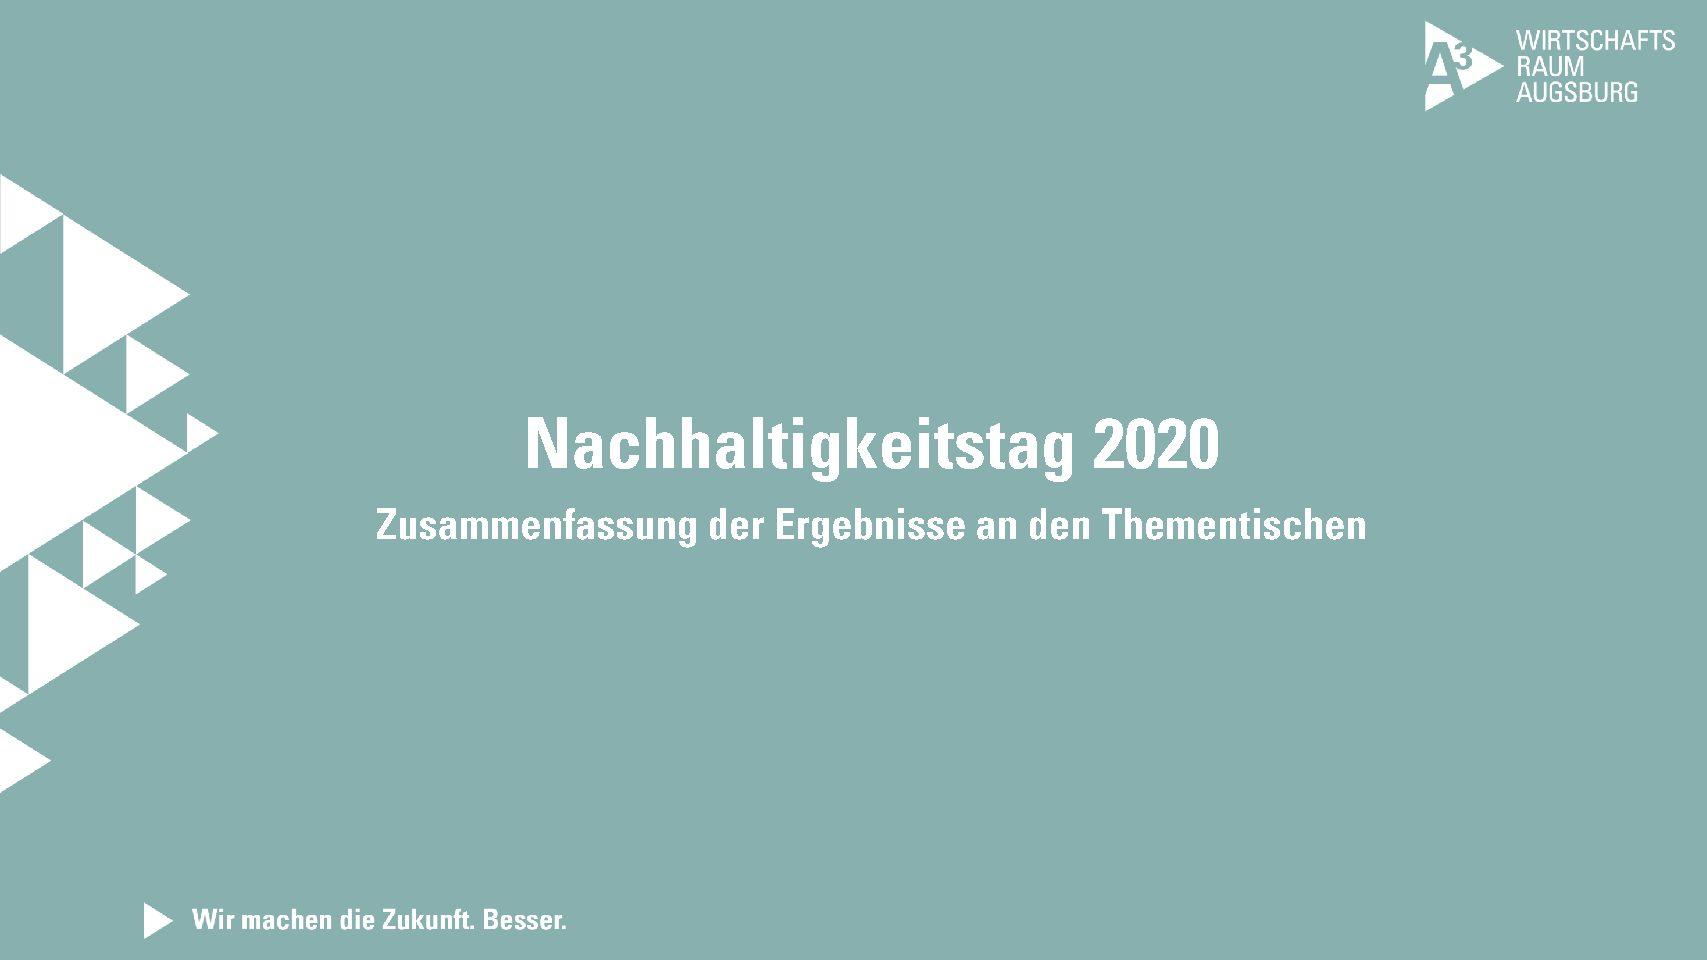 Ergebnisdokumentation_Nachhaltigkeitstag_2020